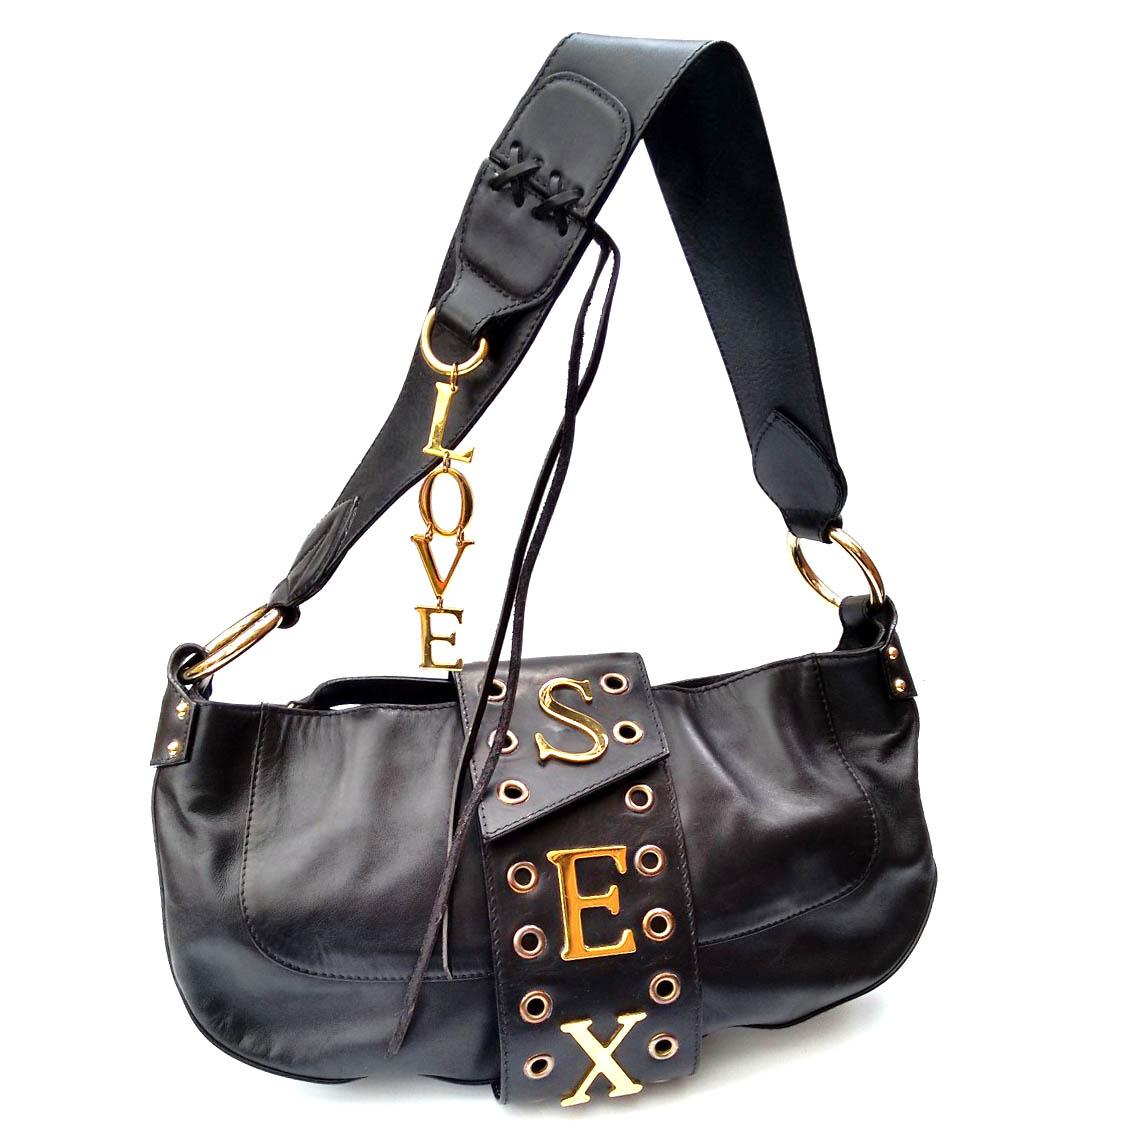 464e3f124c167 D & G DOLCE GABBANA Vintage Sex and Love Black Leather Shoulder Bag